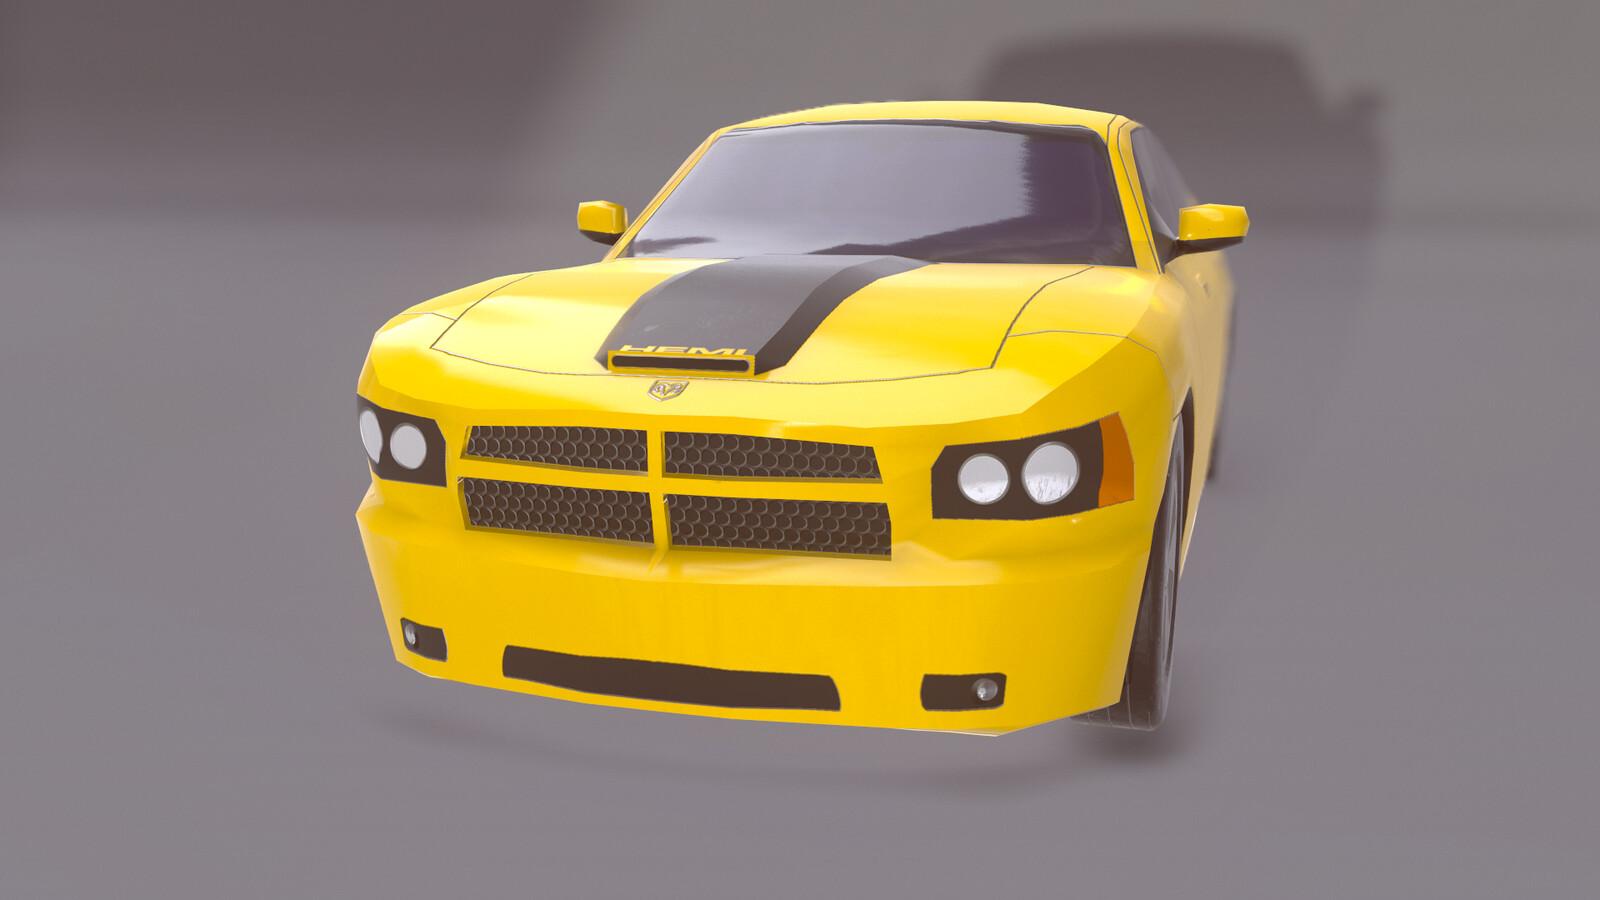 Dodge Charger Superbee Model